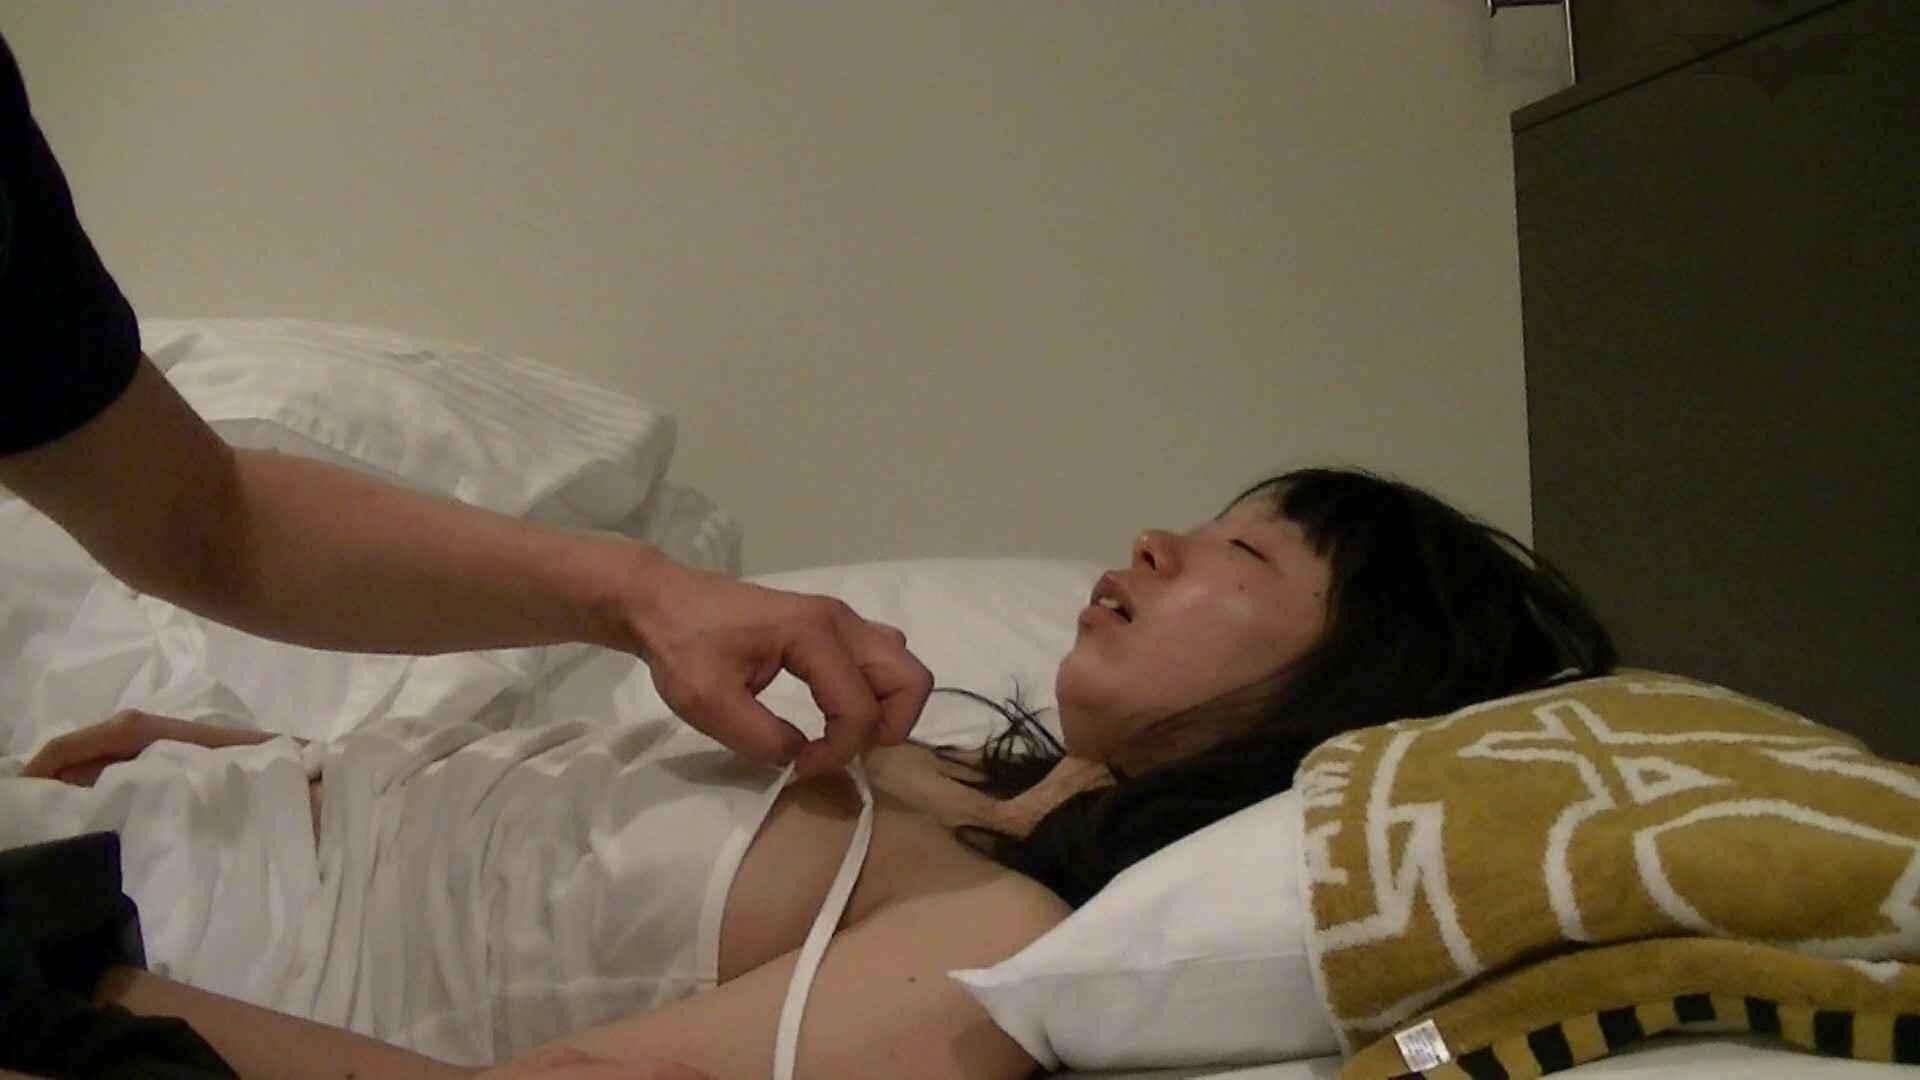 完全ガチです! 影 対 可愛い顔して乳輪デカイakariちゃん 高評価 SEX無修正画像 99枚 50